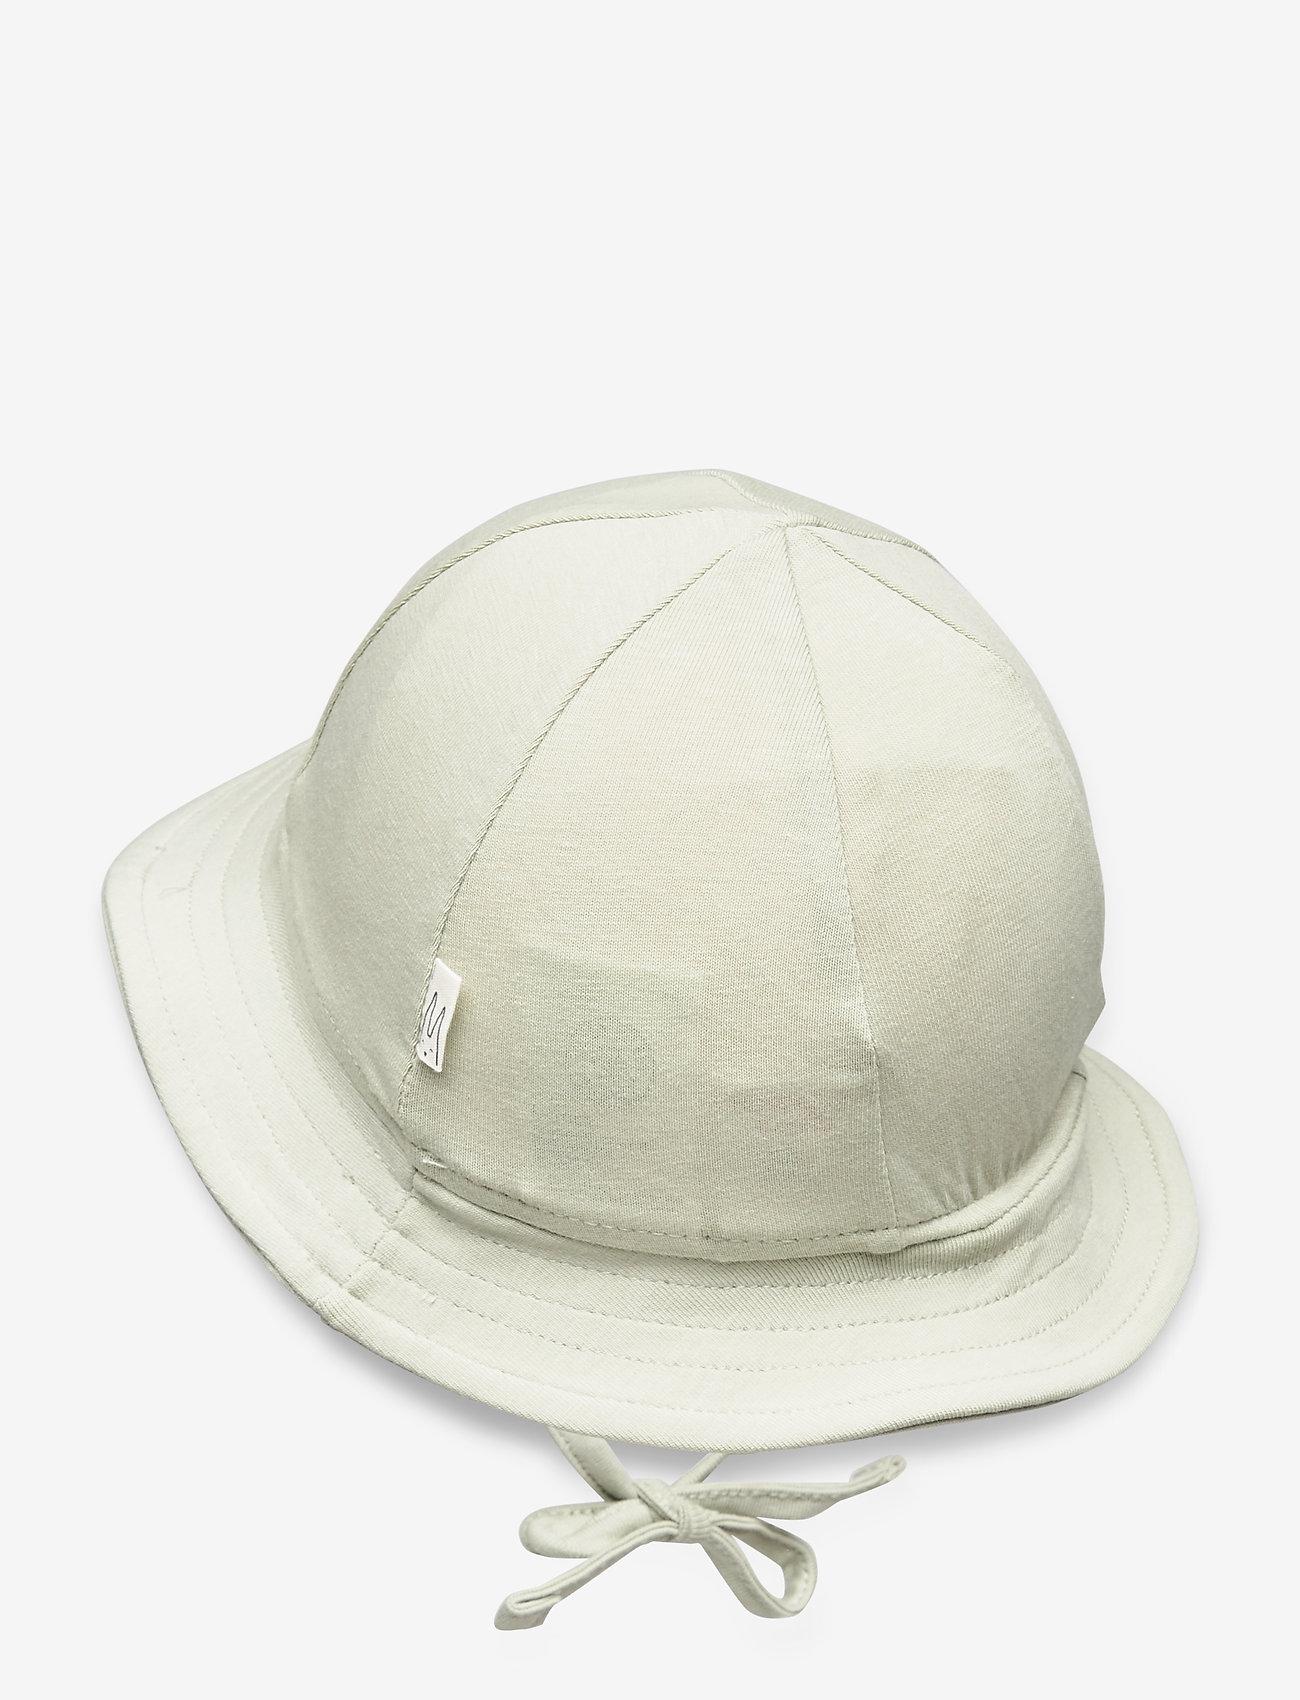 Lindex - Headgear - kapelusz przeciwsłoneczny - dusty green - 1